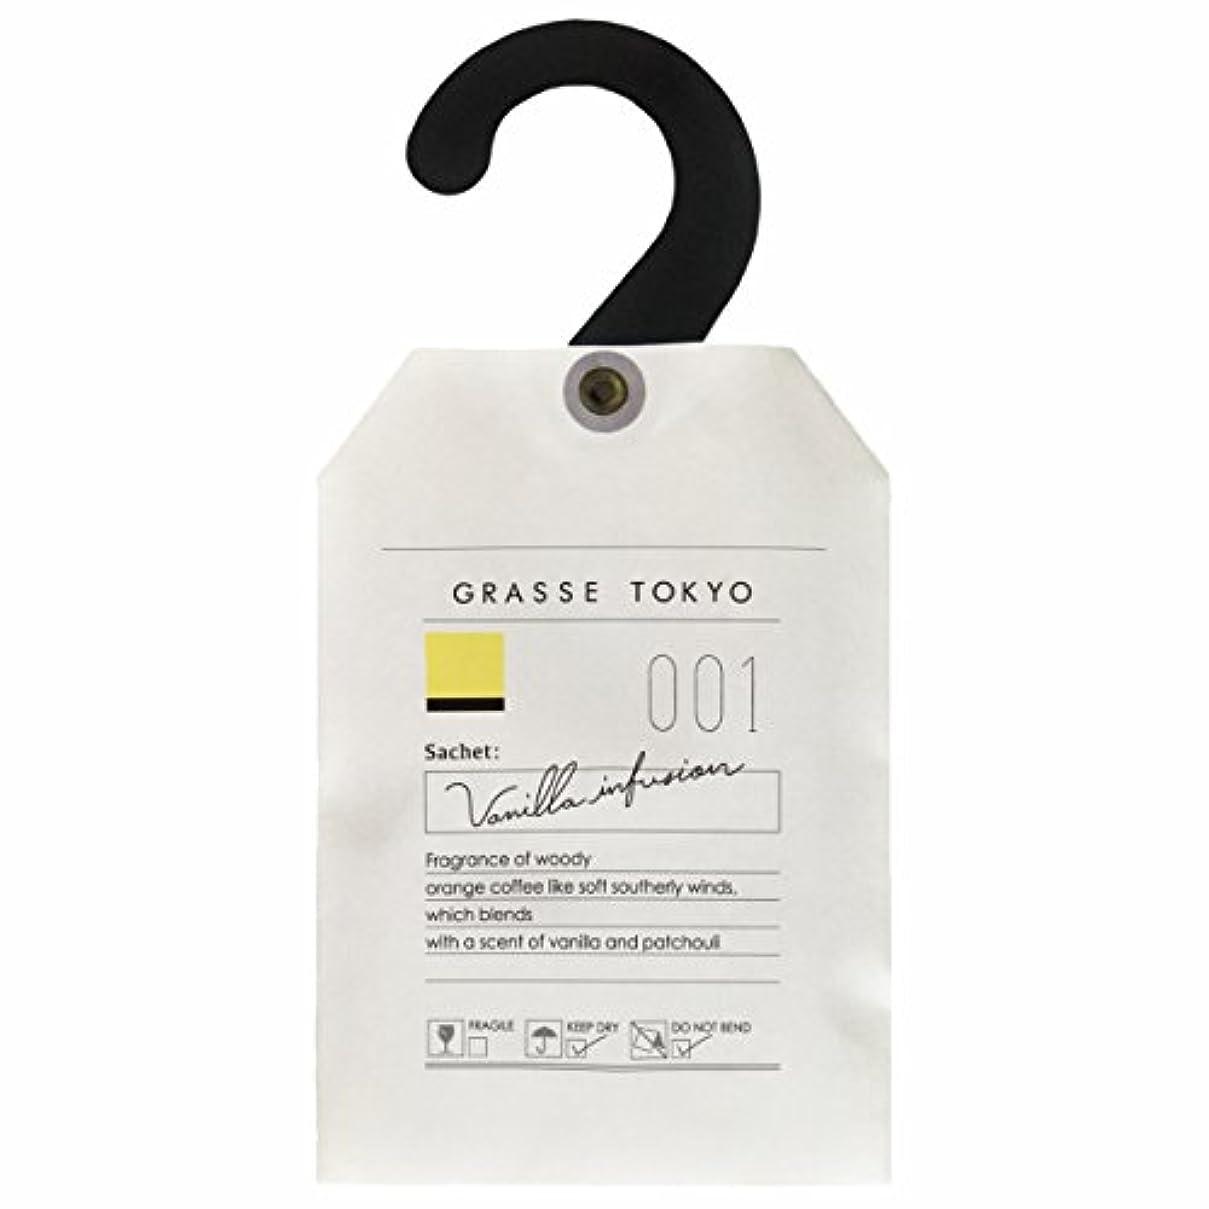 リハーサルミスペンド奇跡的なグラーストウキョウ サシェ Vanilla infusion 15g